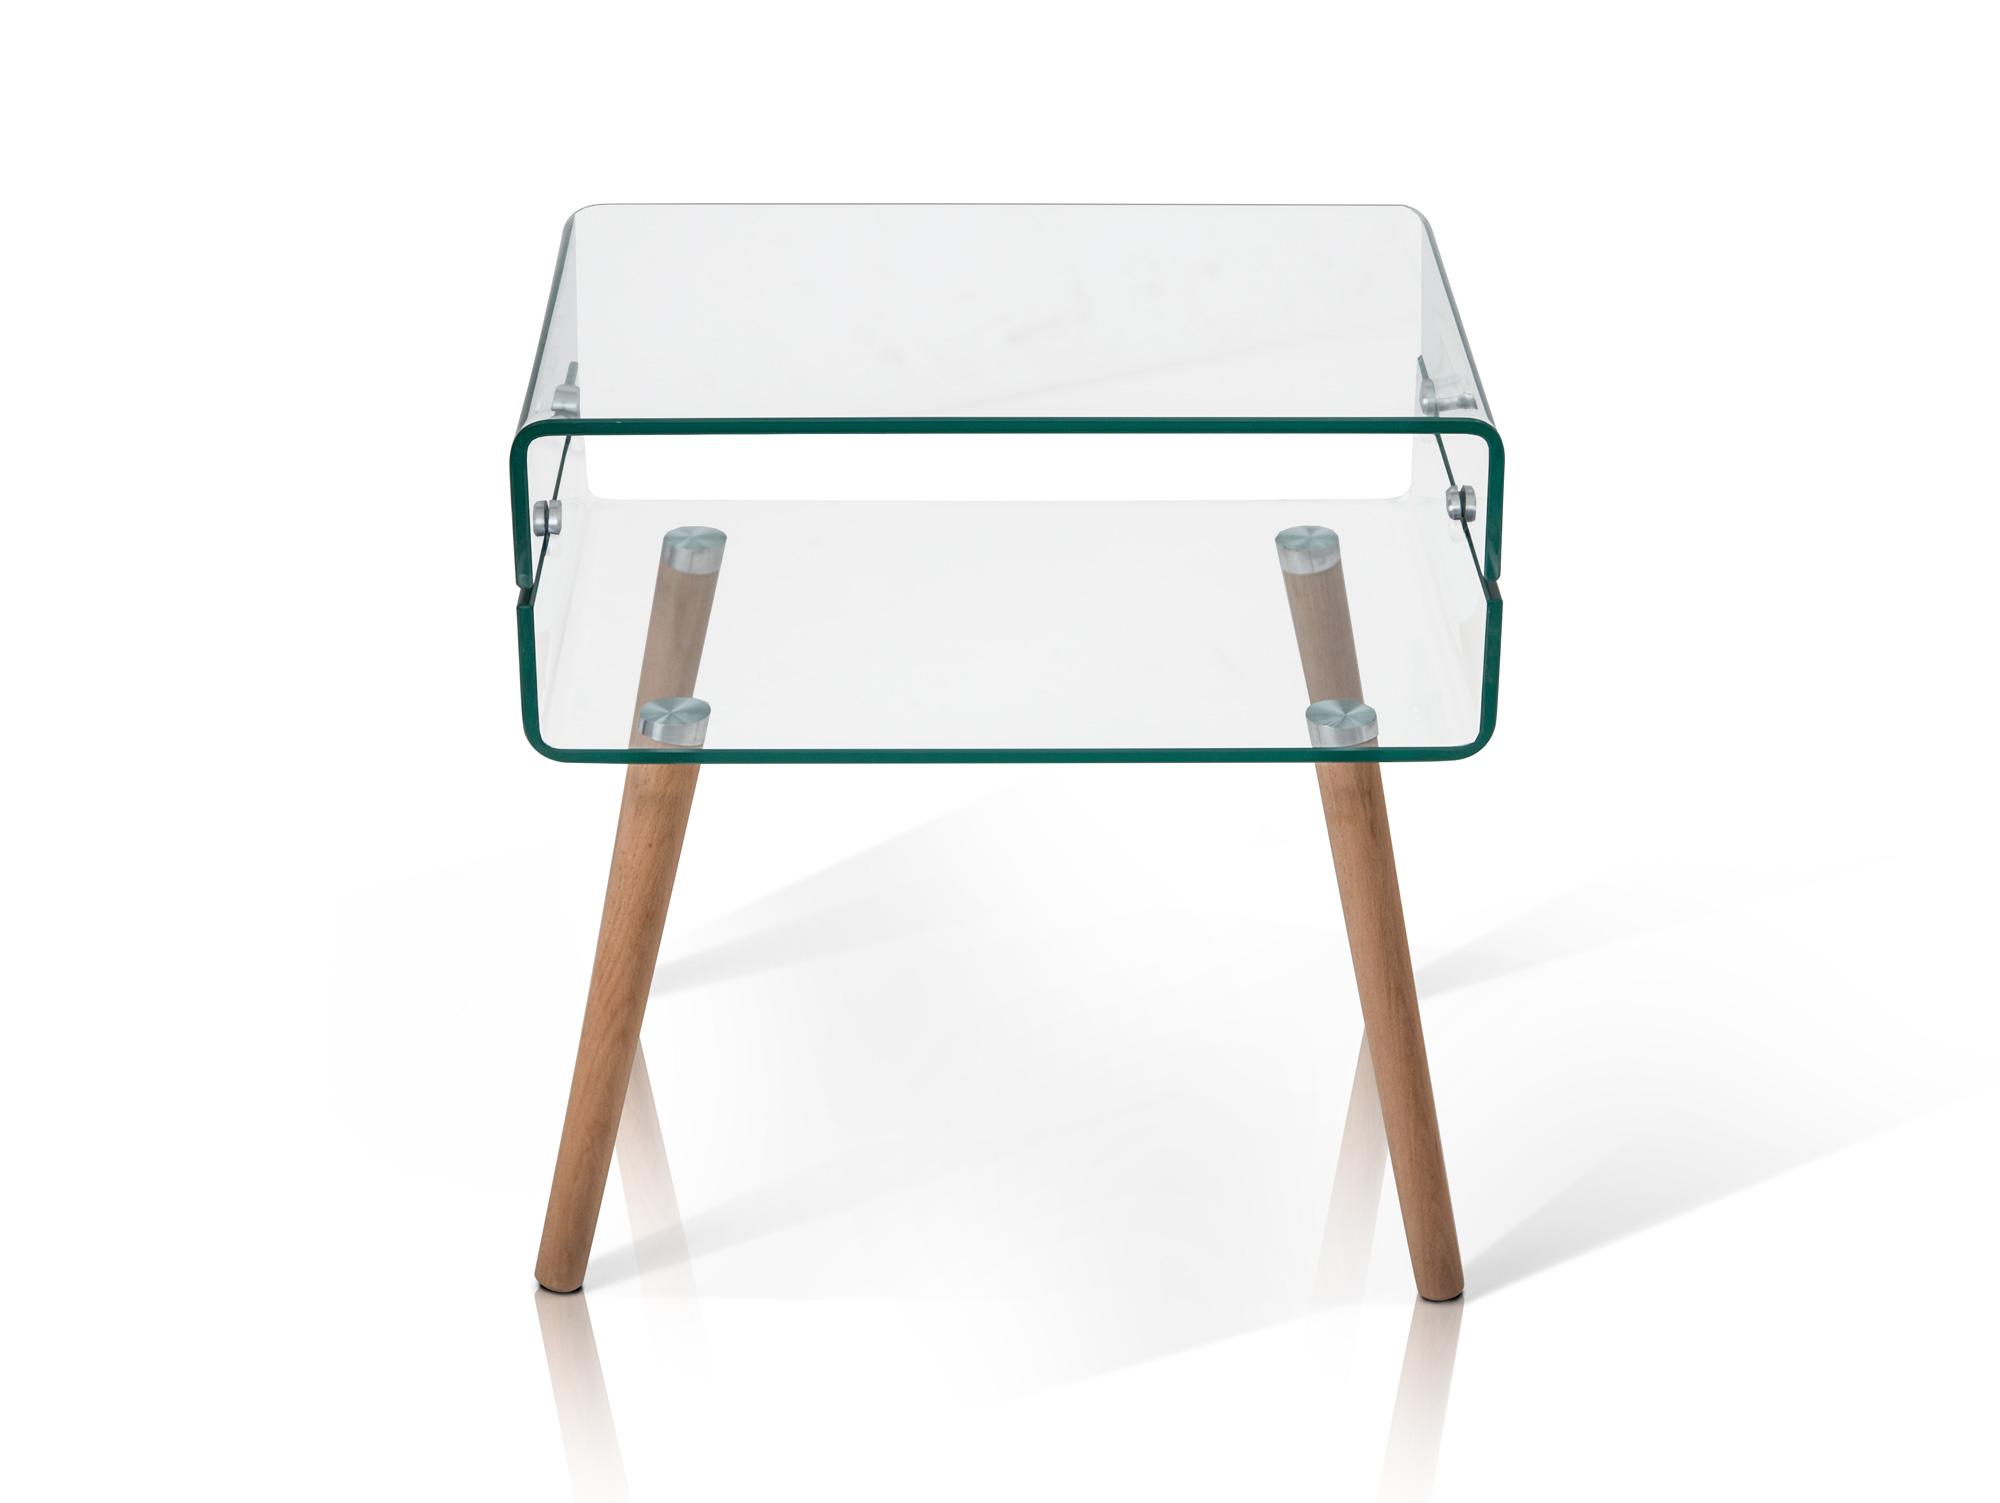 beistelltisch buche glas energiemakeovernop. Black Bedroom Furniture Sets. Home Design Ideas